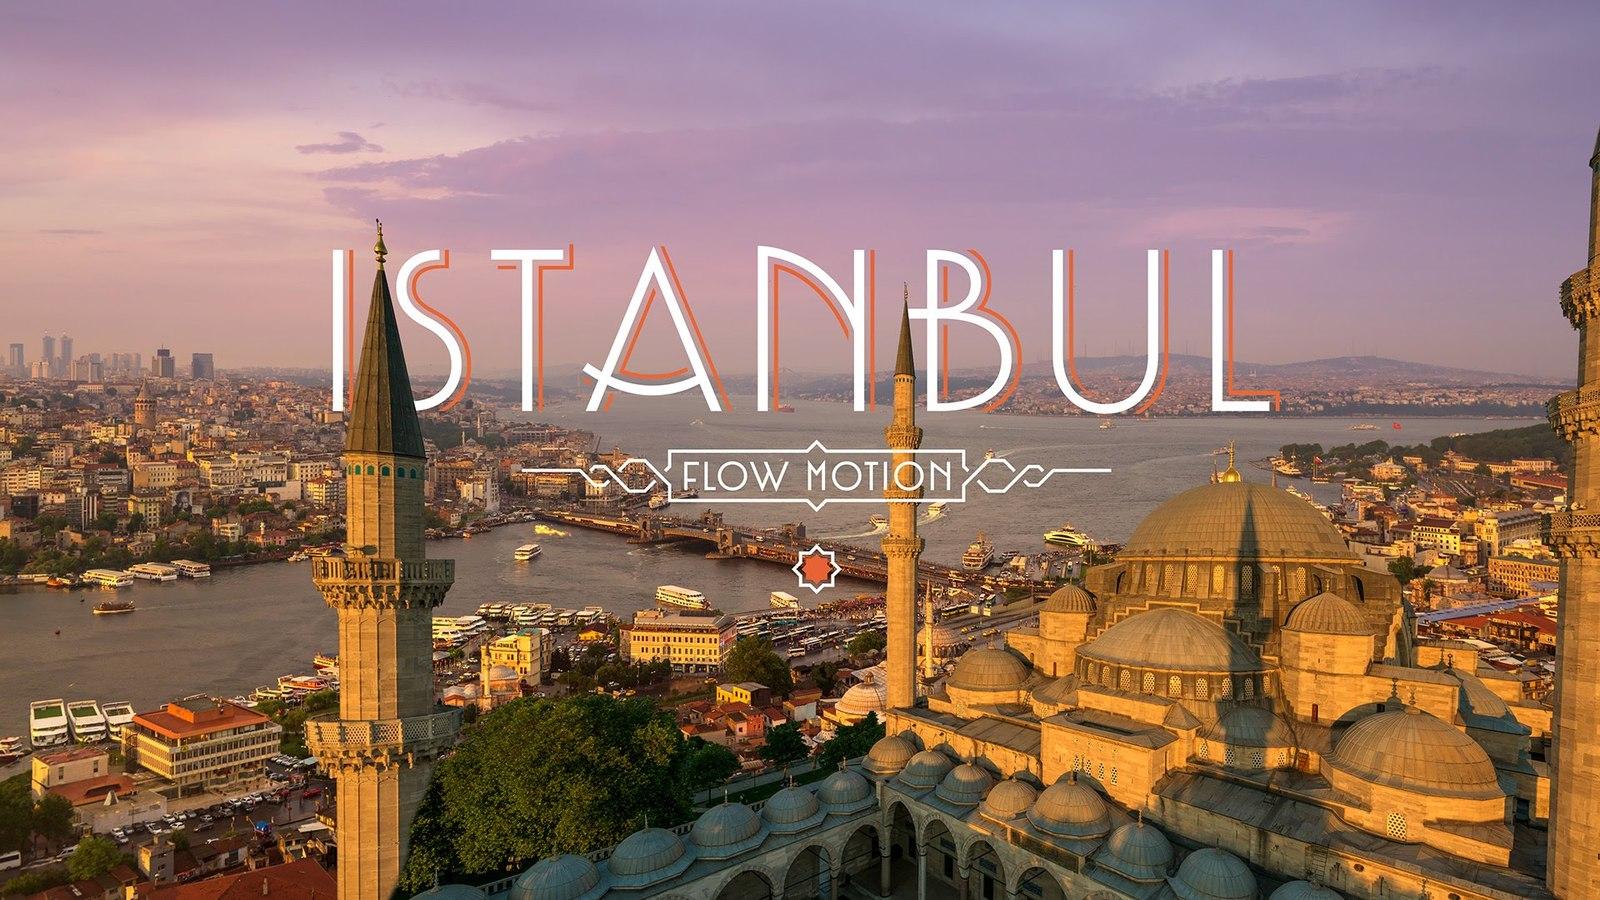 مدينة إسطنبول 387316 المسافرون العرب